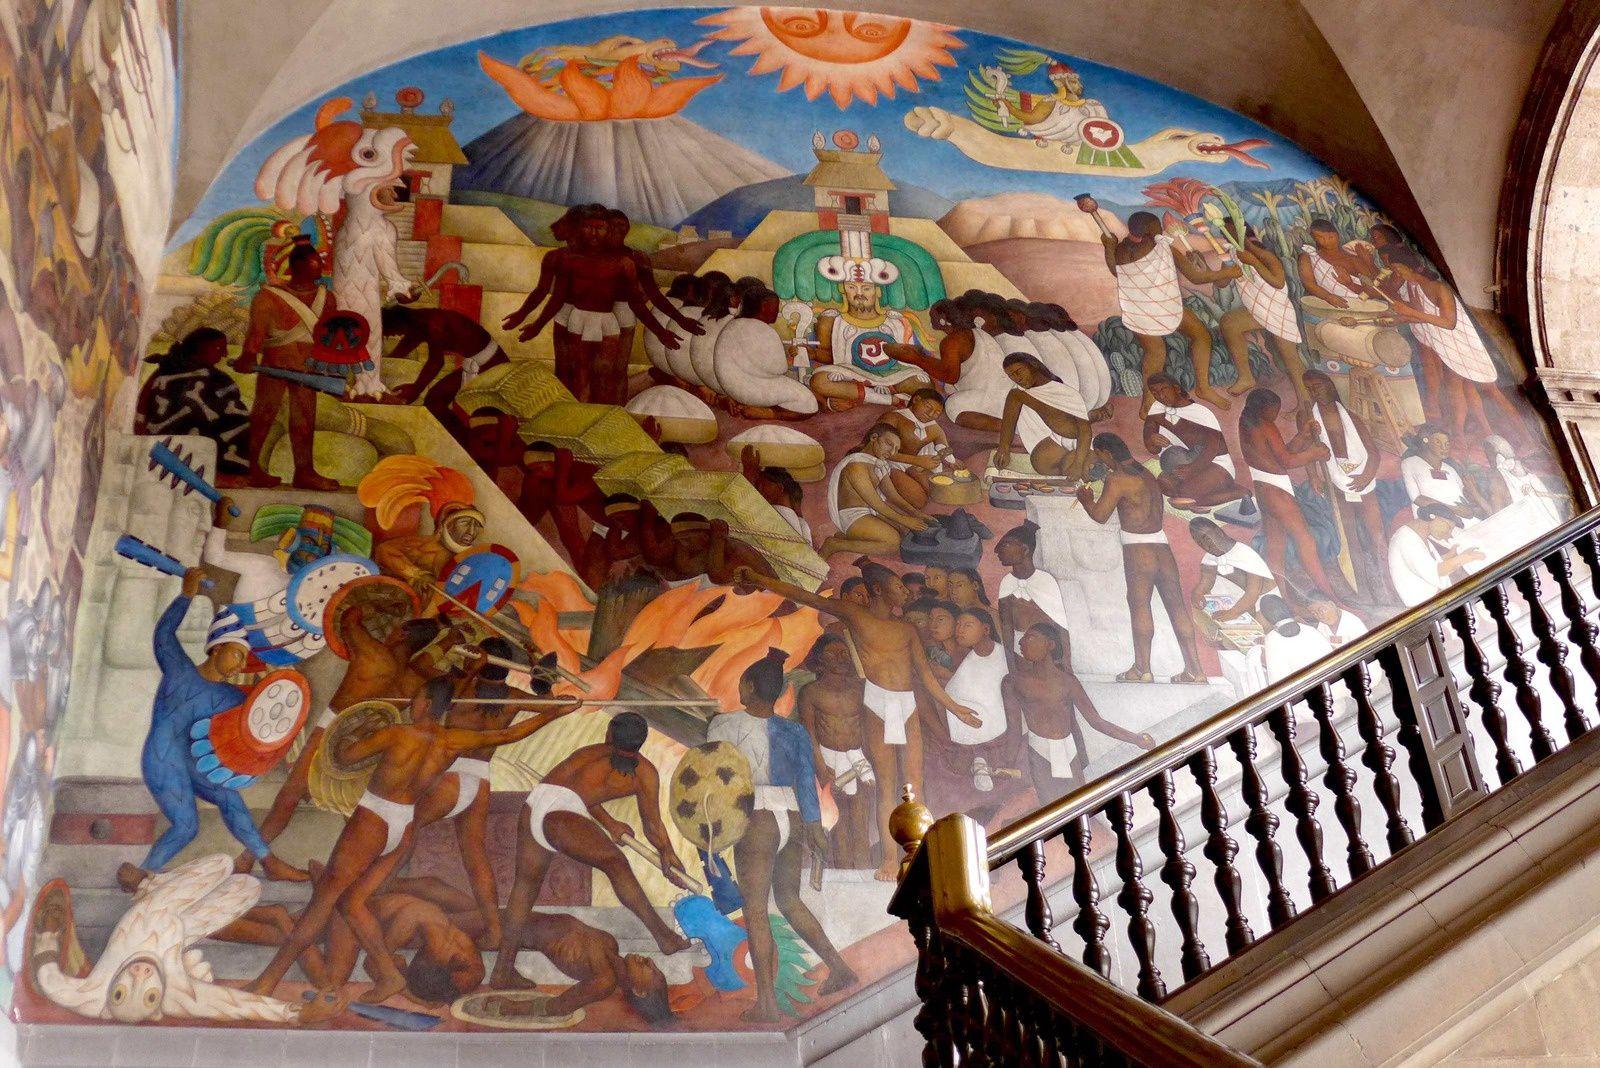 Palacio nacional: On peut admirer à l'intérieur de ce somptueux palais colonial des fresques réalisées par Diego Rivera entre 1929 et 1951 sur le thème de l'histoire de la civilisation mexicaine, de l'arrivée de Quetzalcóatl (le dieu-serpent à plumes aztèque) jusqu'à la période postrévolutionnaire. Les neuf fresques qui couvrent les murs nord et est du 1er étage au-dessus du patio évoquent la vie avant la conquête espagnole.  Le Palacio Nacional est également le siège de la Présidence et du Trésor fédéral.